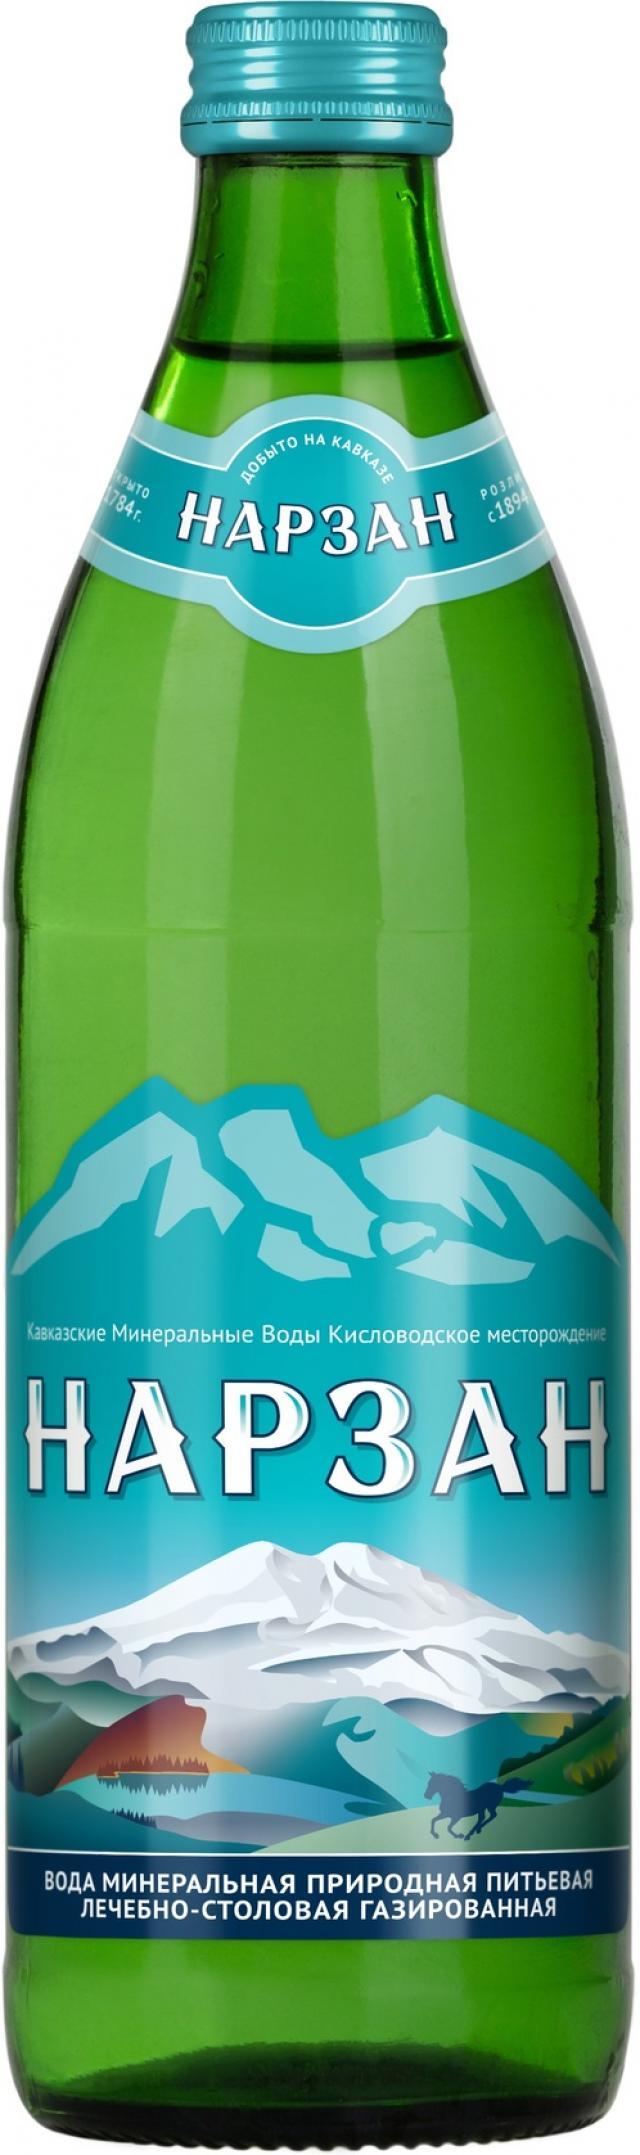 Вода минеральная Нарзан 0,45л стекло купить в Москве по цене от 0 рублей